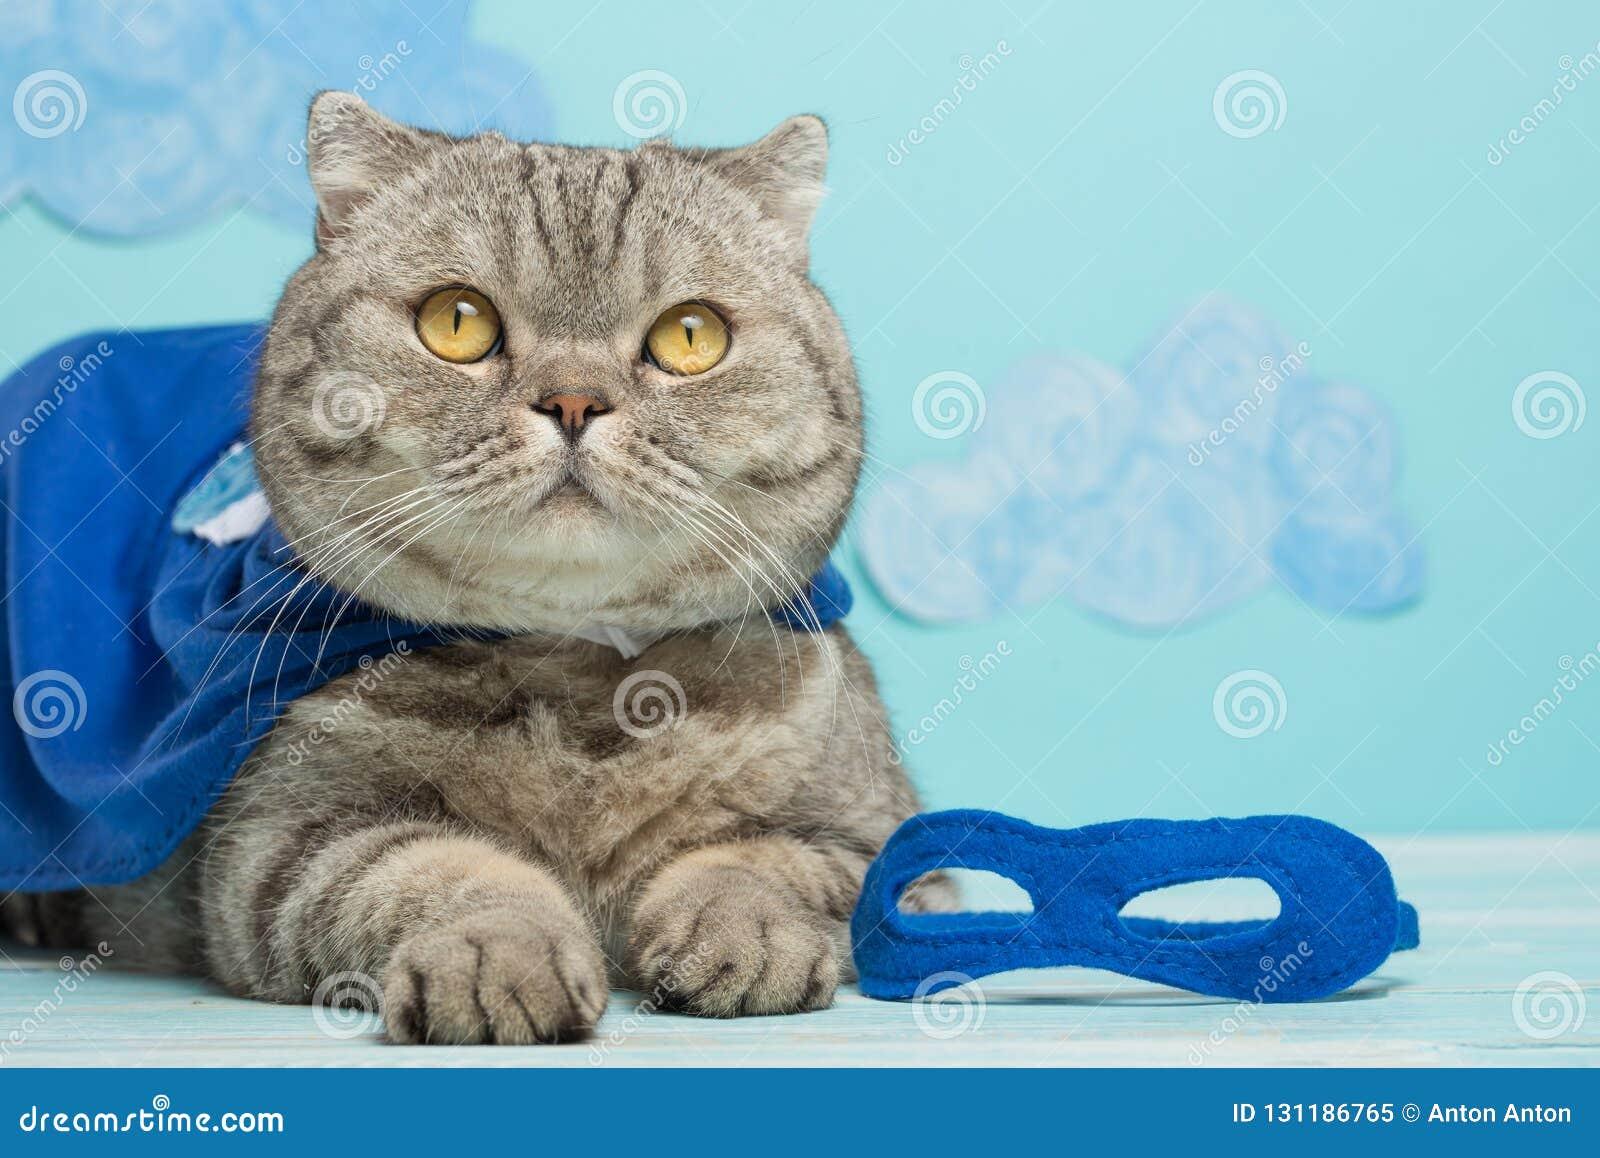 Superherokat, Schotse Whiskas met een blauw mantel en een masker Het concept een superhero, super kat, leider